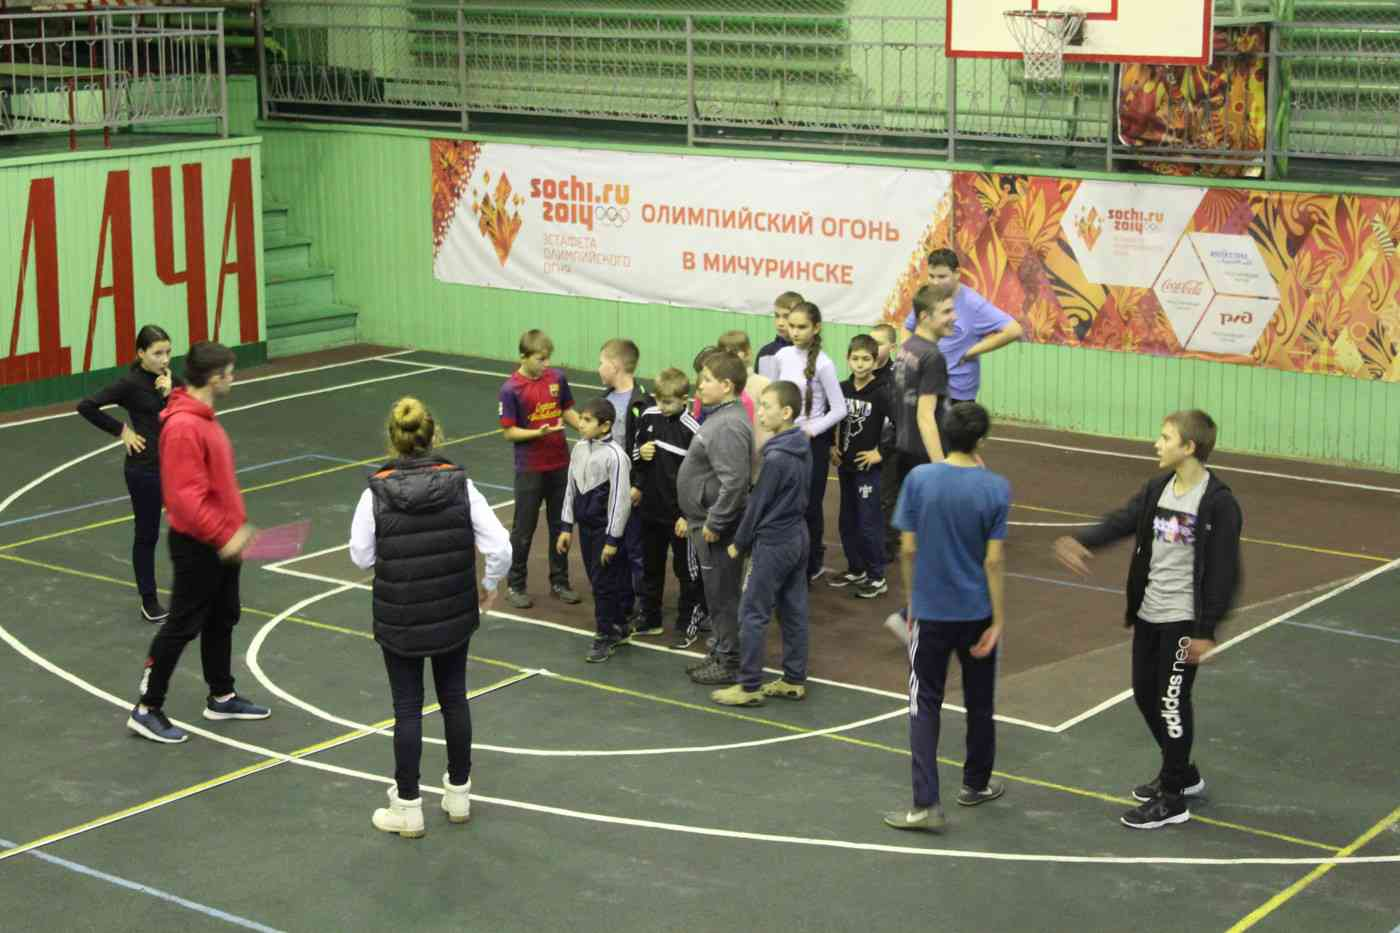 эти дни первенство по легкой атлетике чебоксары (Ярославский вокзал) Фрязино-Тов